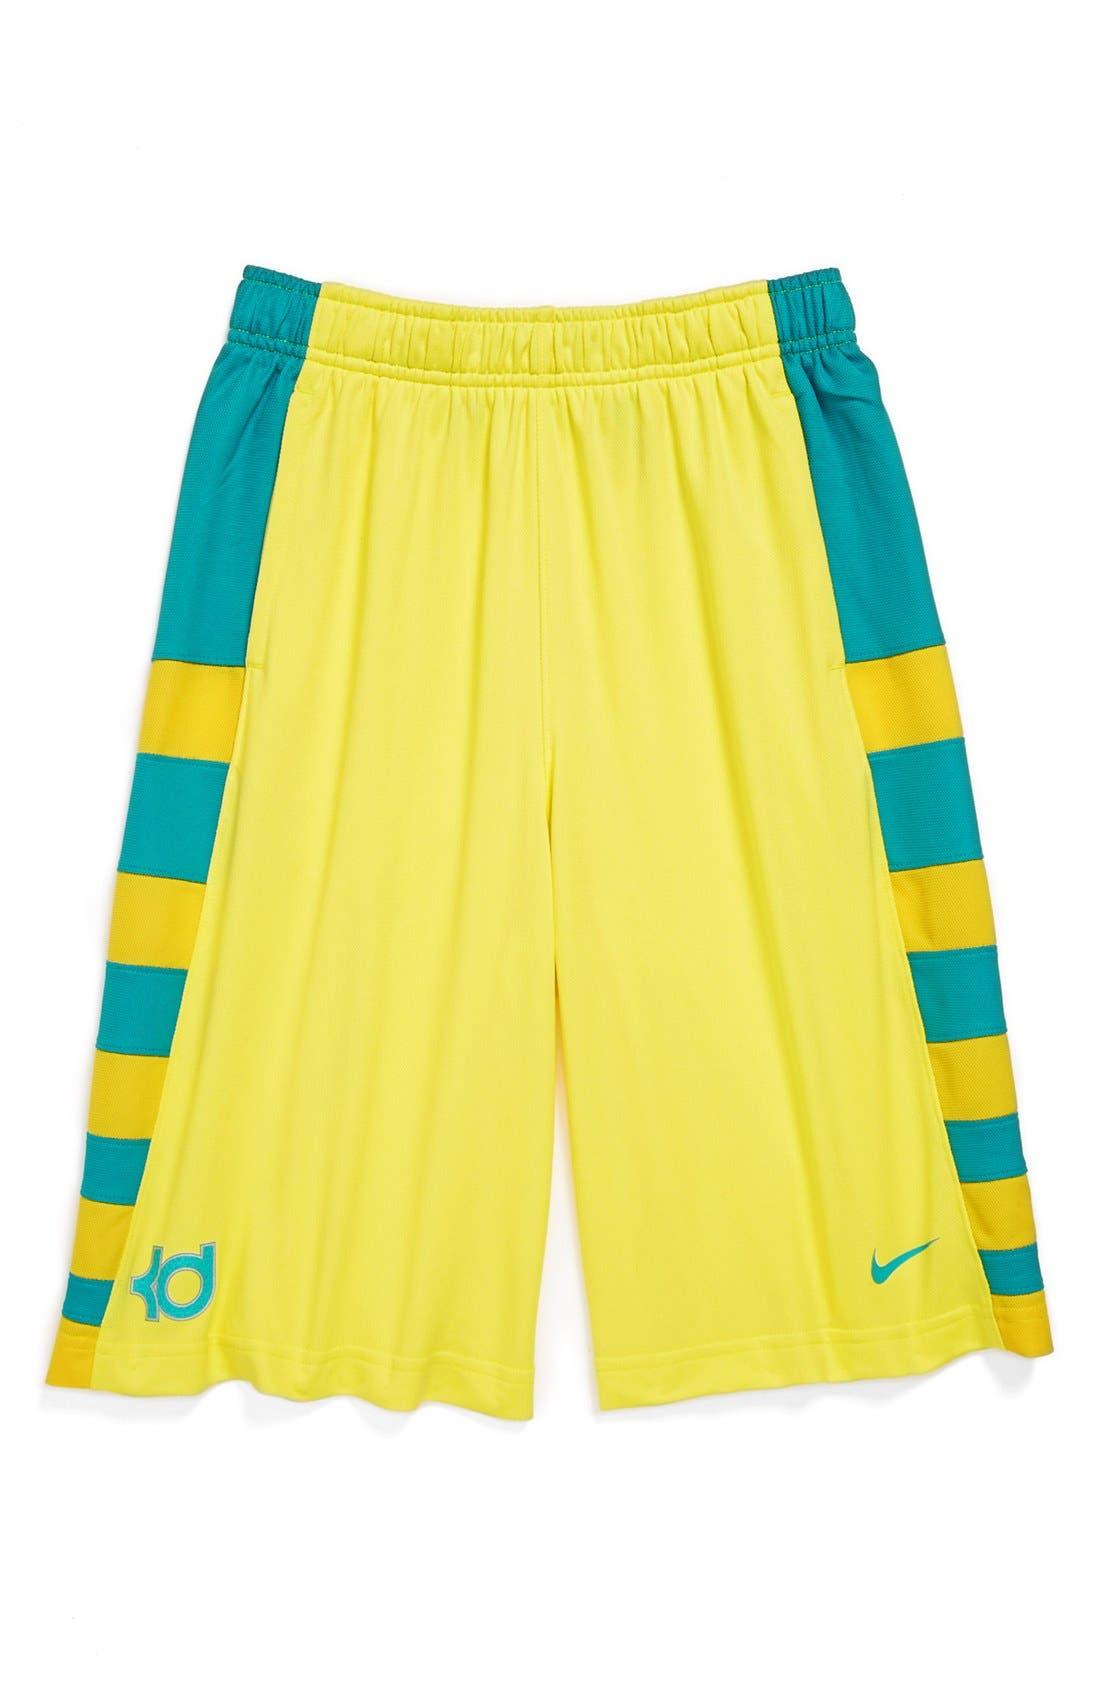 Alternate Image 1 Selected - Nike 'Lightning' Basketball Shorts (Big Boys)